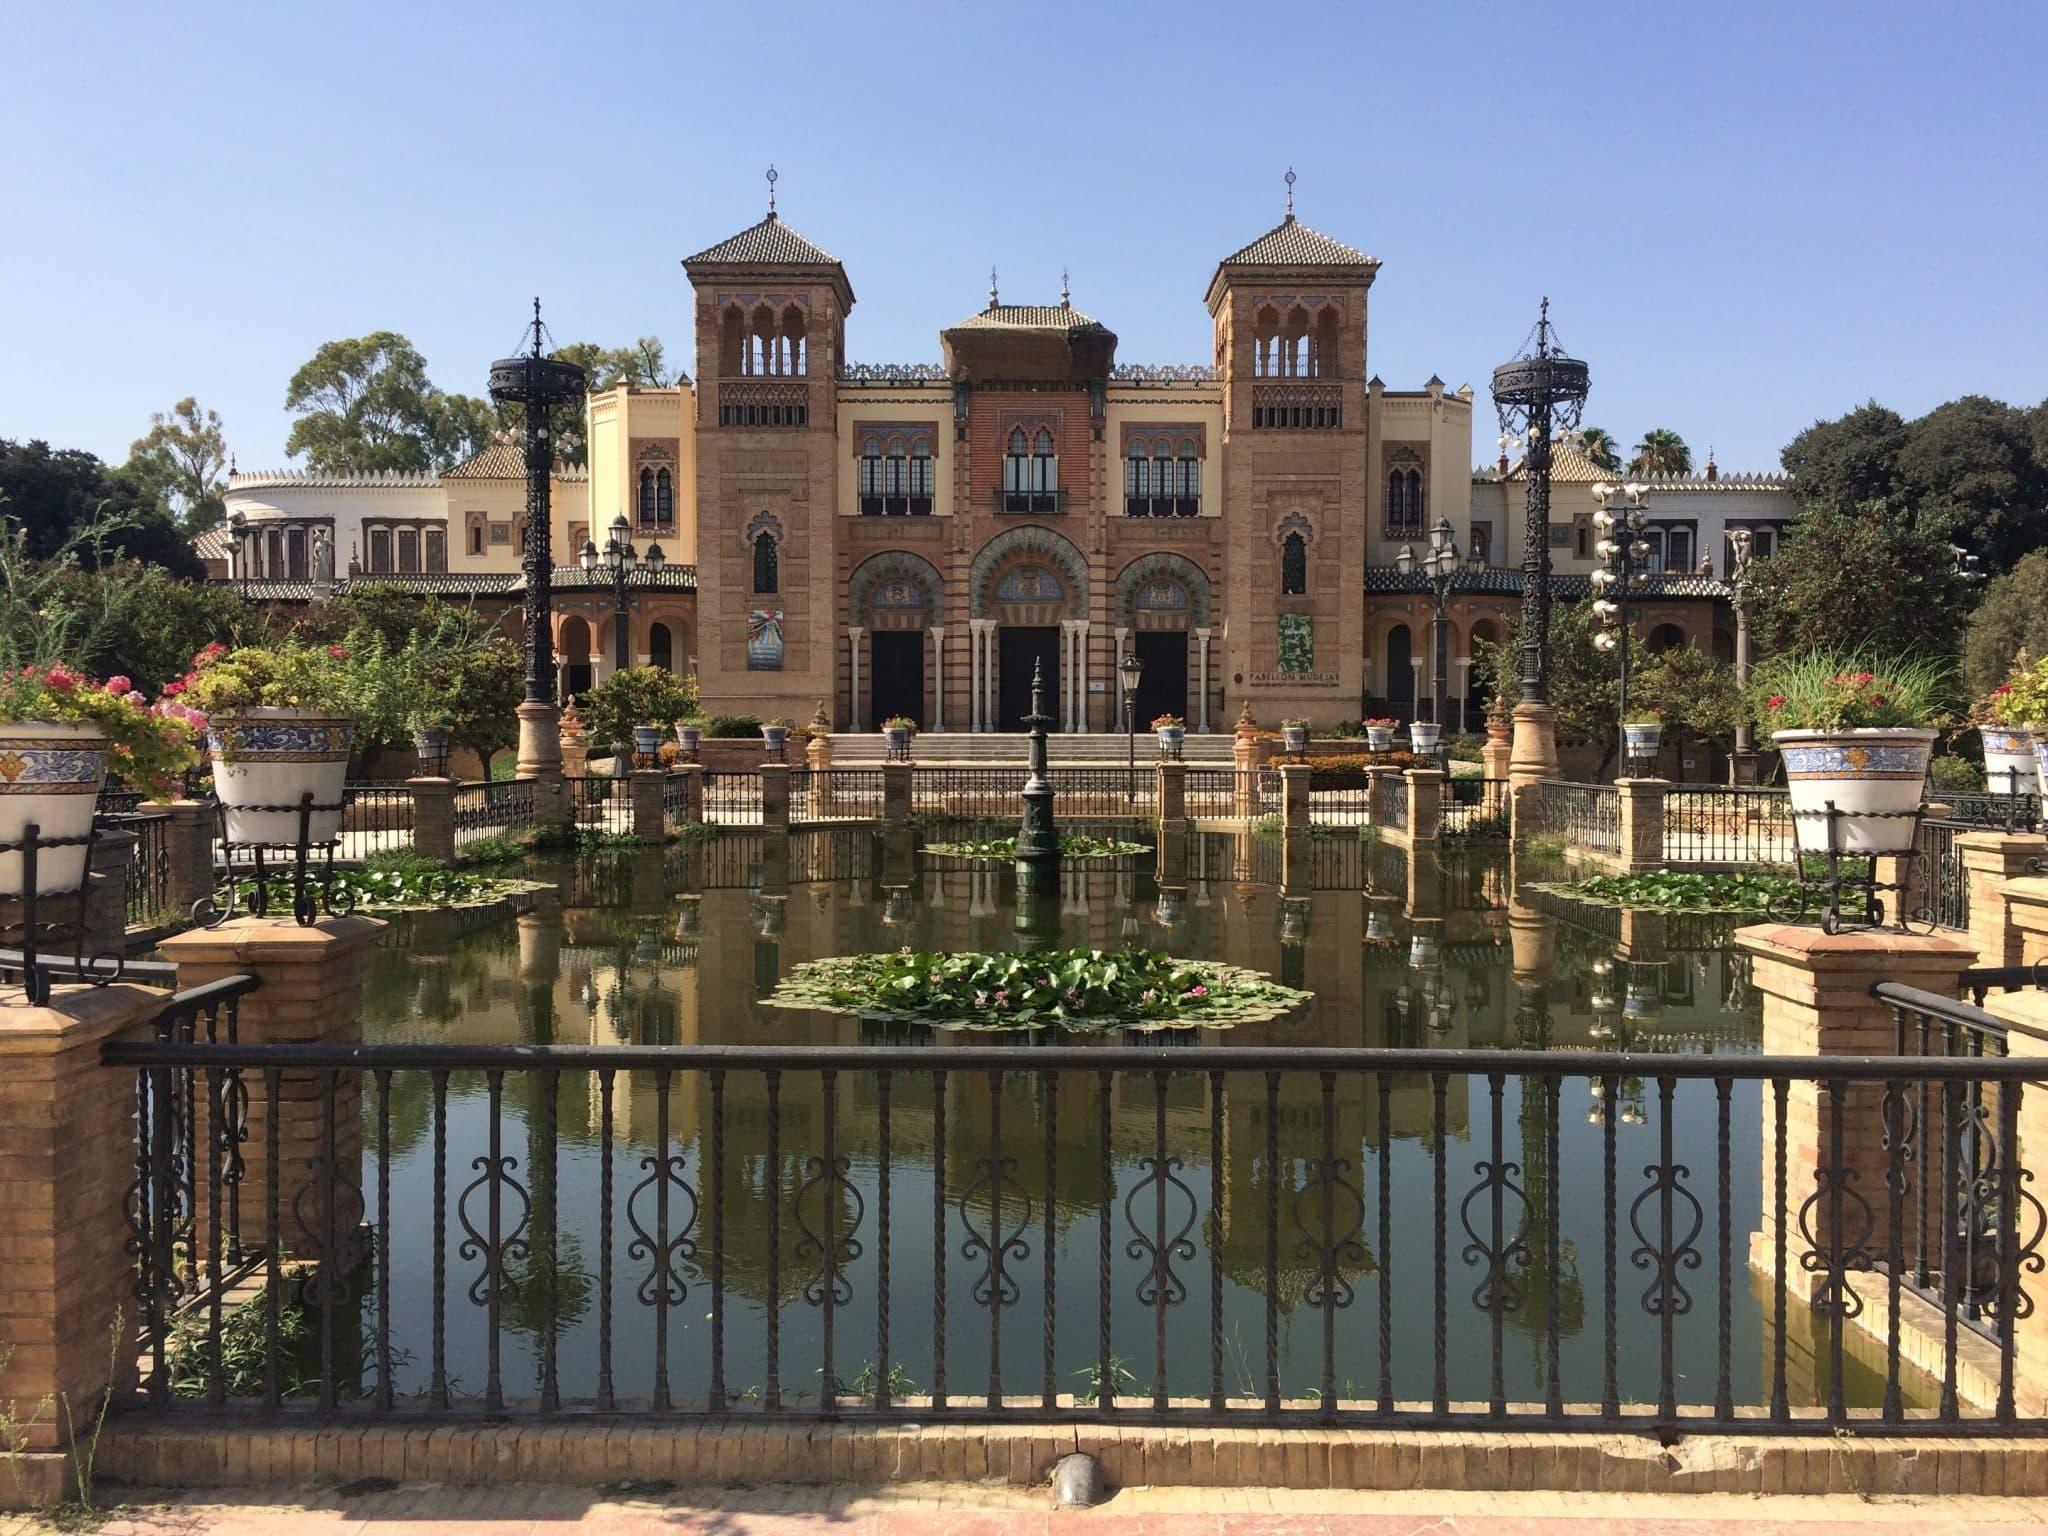 Plaza_de_América,_Sevilla